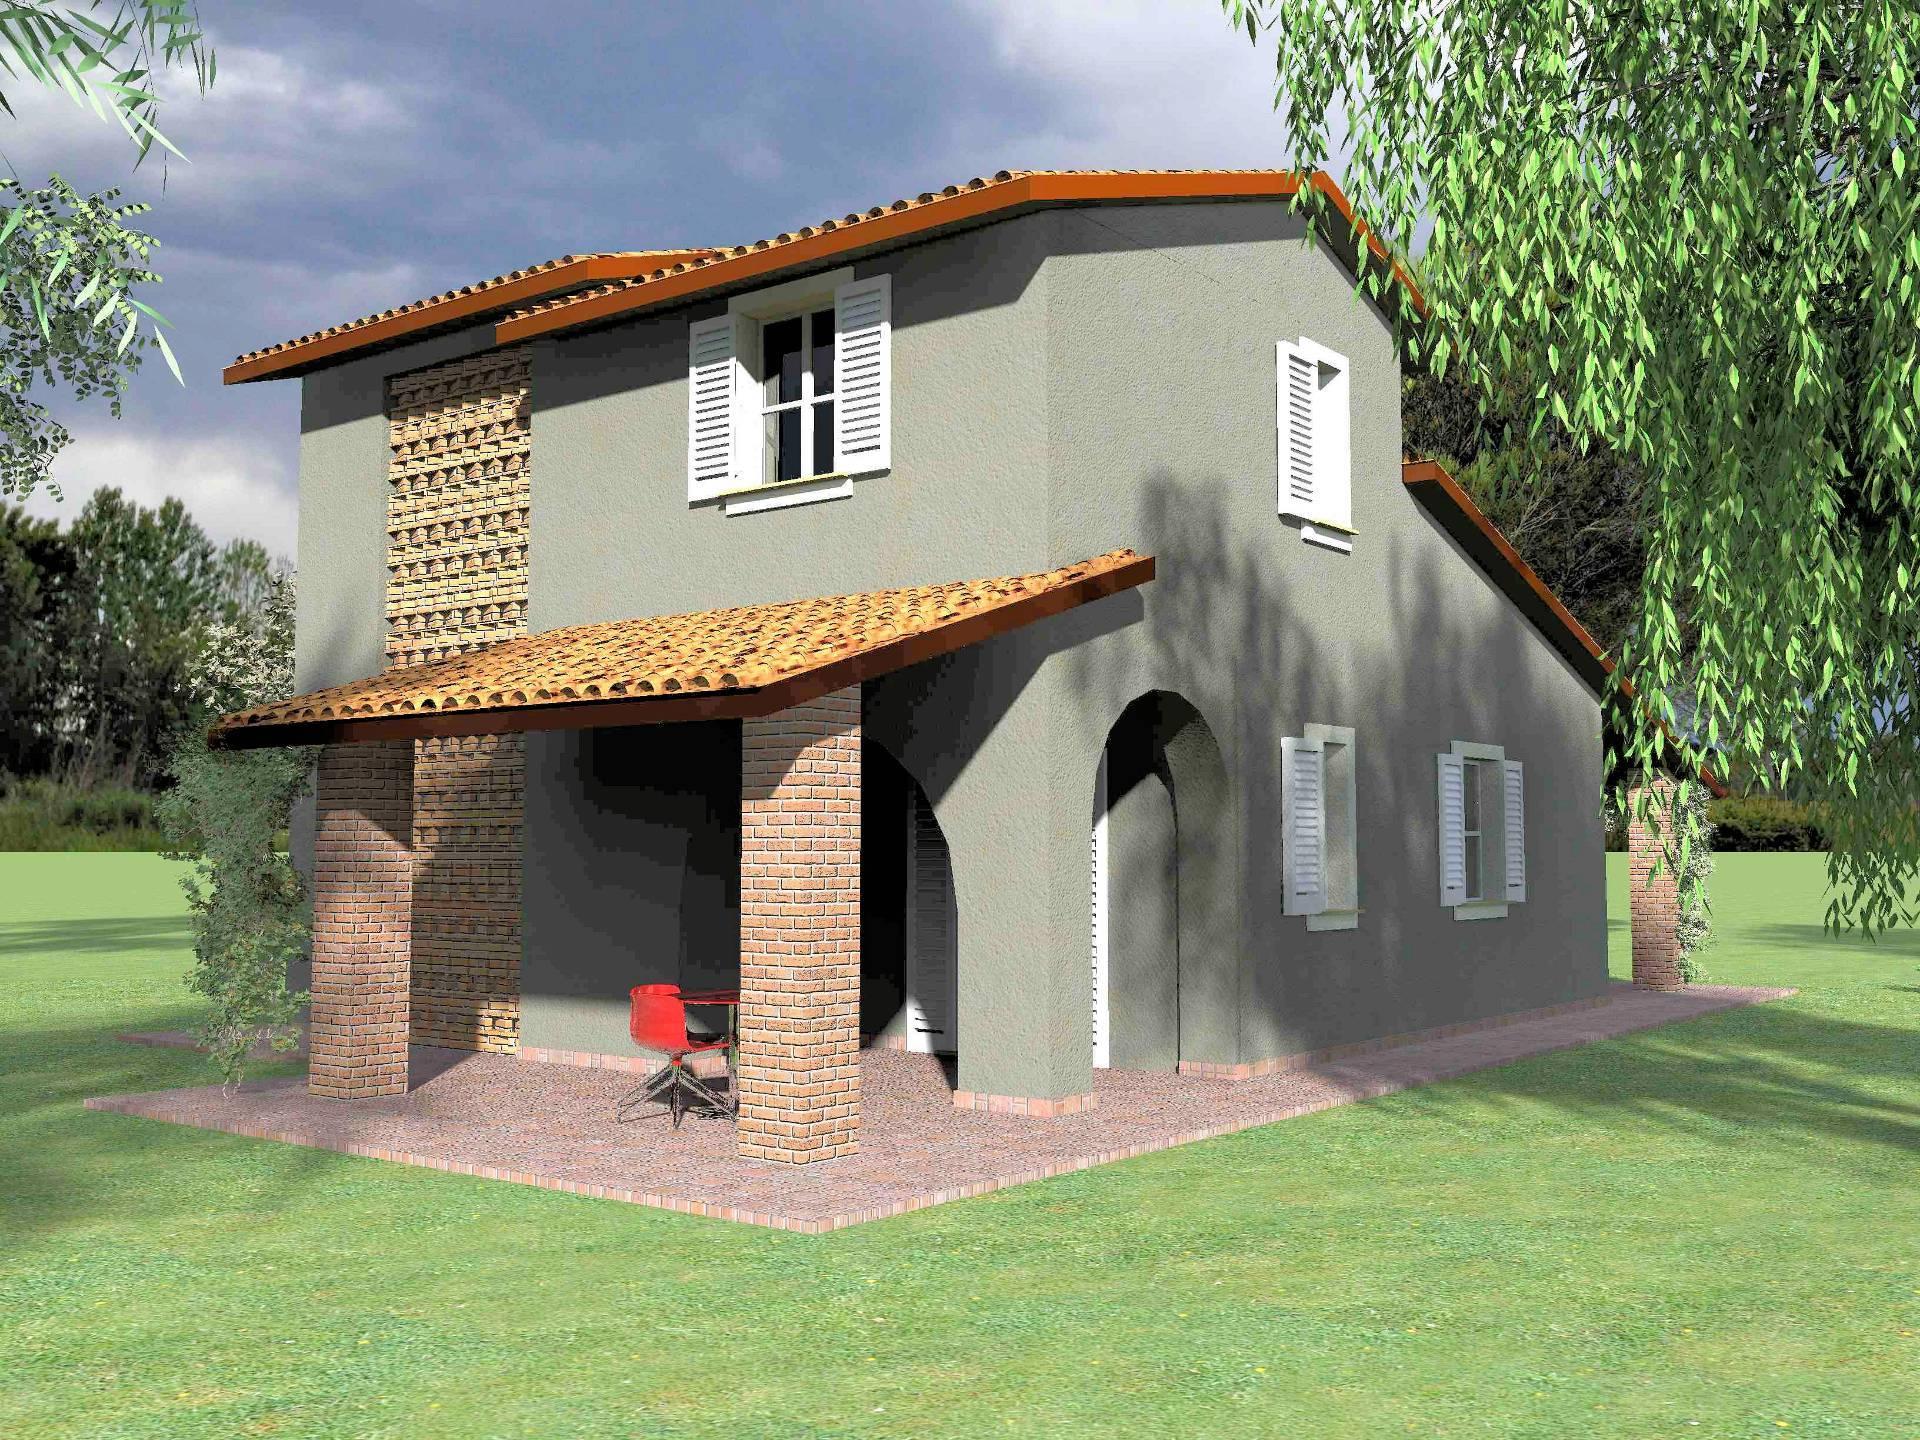 1207-Villa unifamiliare di prossima realizzazione con ampio giardino-Fucecchio-1 Agenzia Immobiliare ASIP